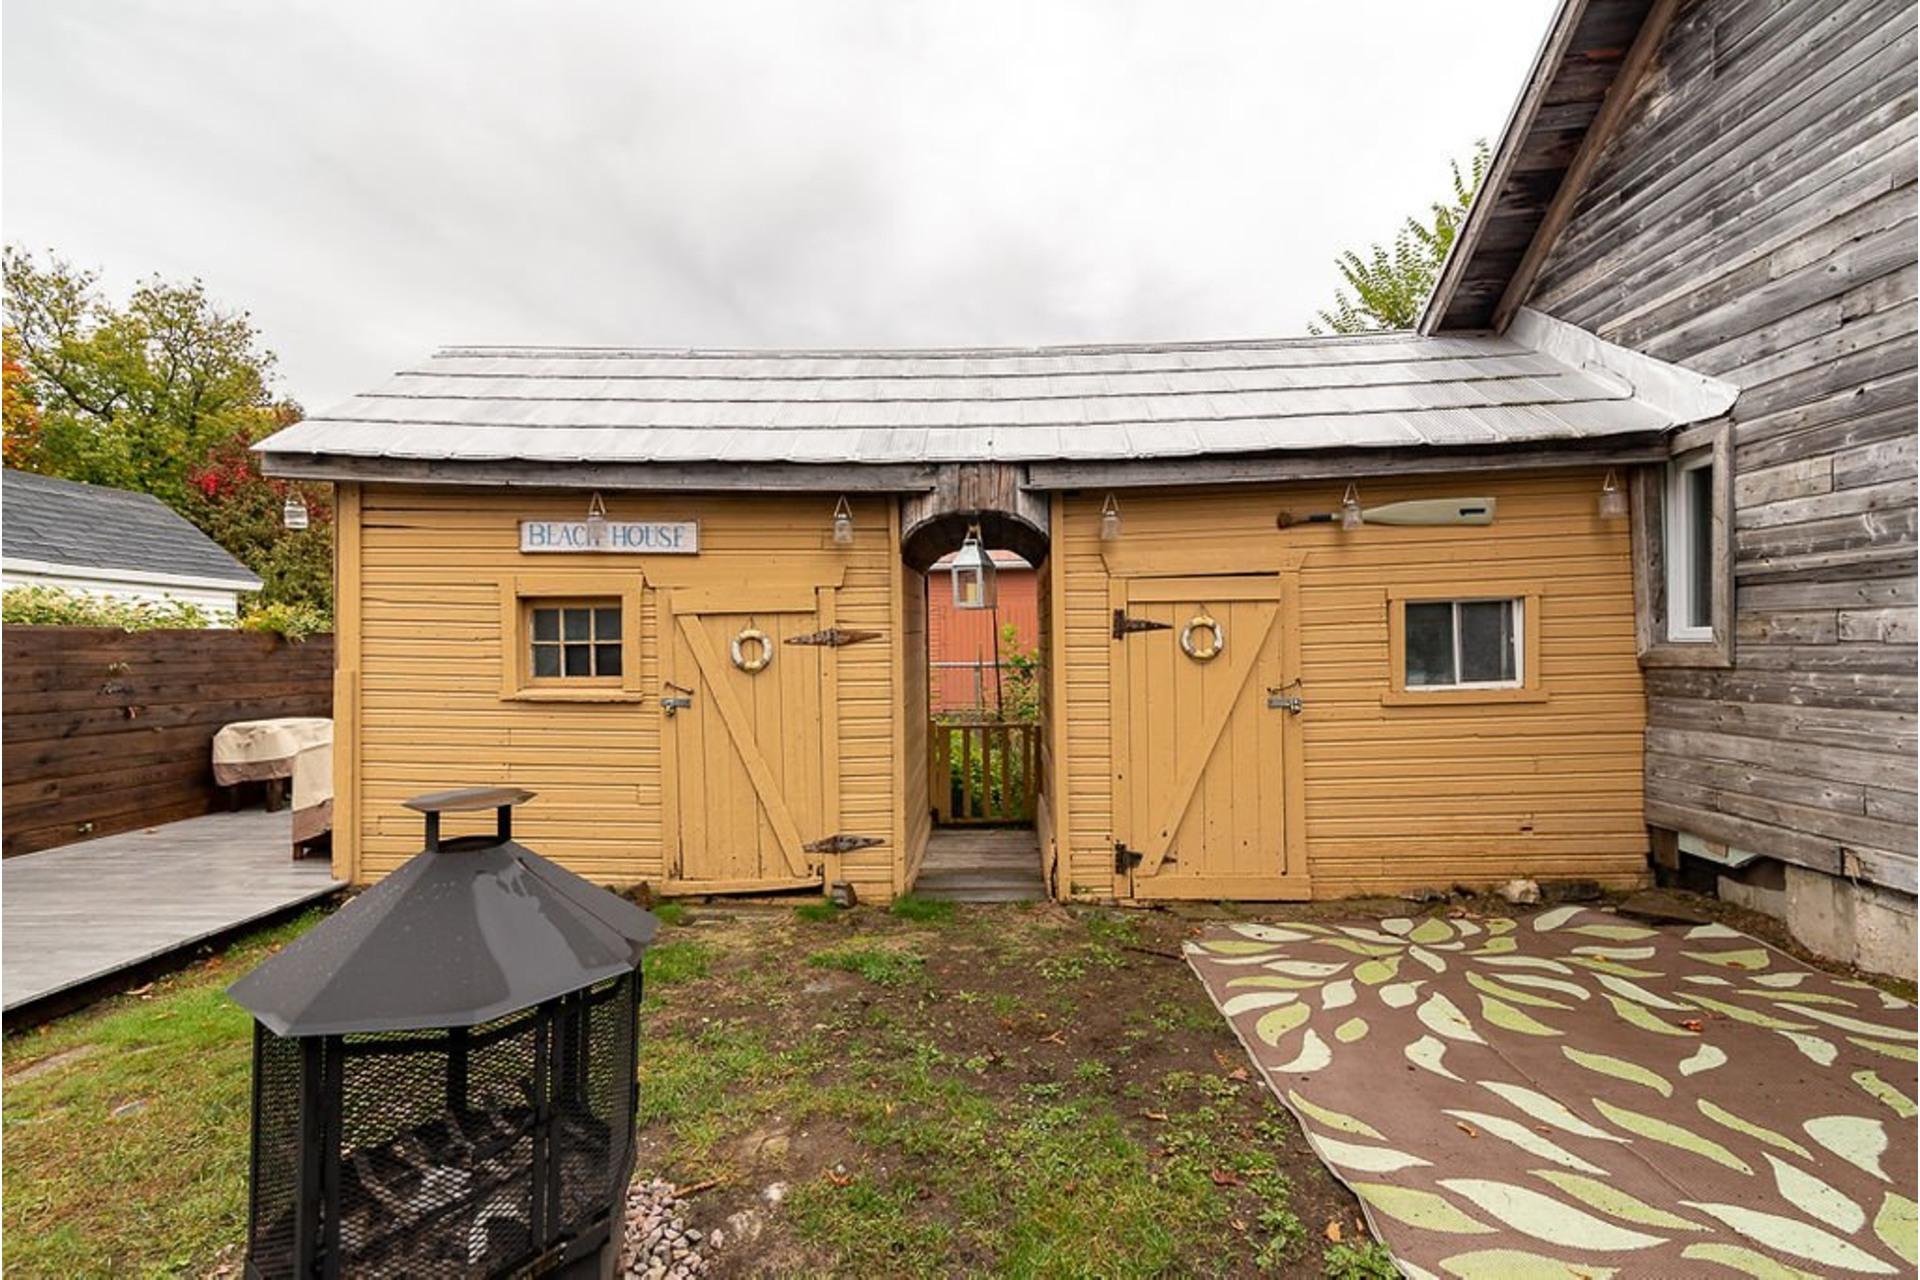 image 27 - Duplex À vendre Rawdon - 4 pièces